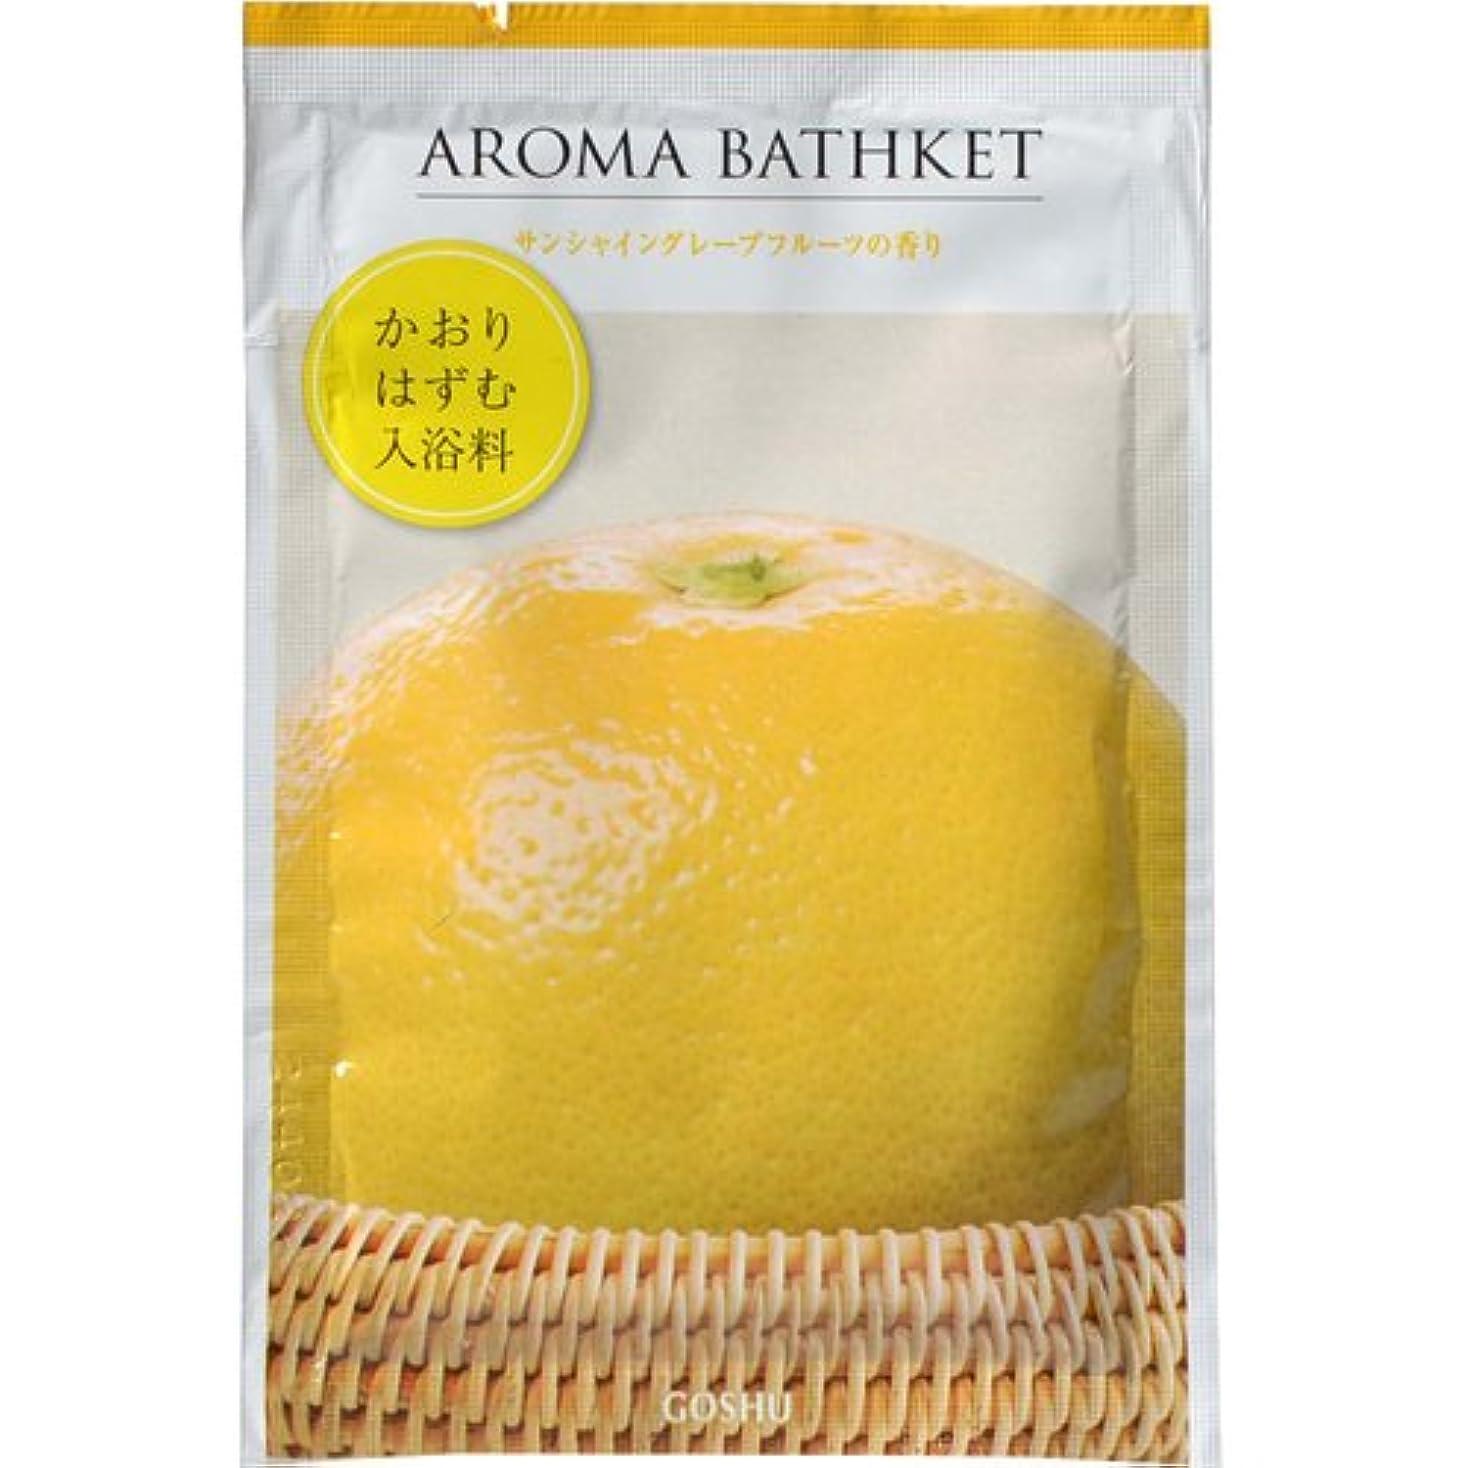 アドバイス強盗セージアロマバスケット サンシャイングレープフルーツの香り 25g